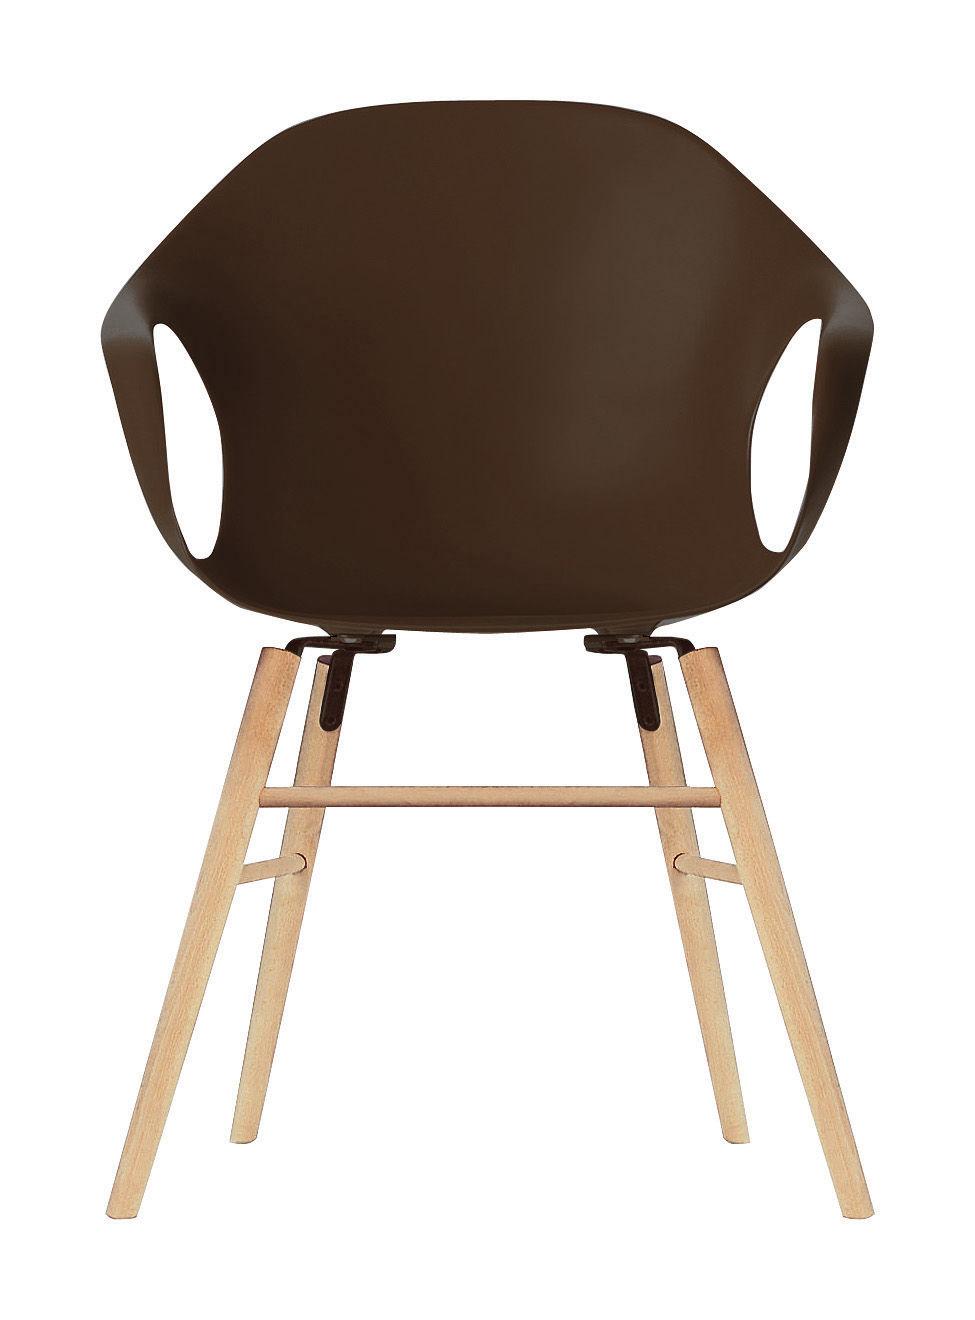 Mobilier - Chaises, fauteuils de salle à manger - Fauteuil Elephant Wood / Coque plastique & pieds bois - Kristalia - Marron - Hêtre, Polyuréthane laqué